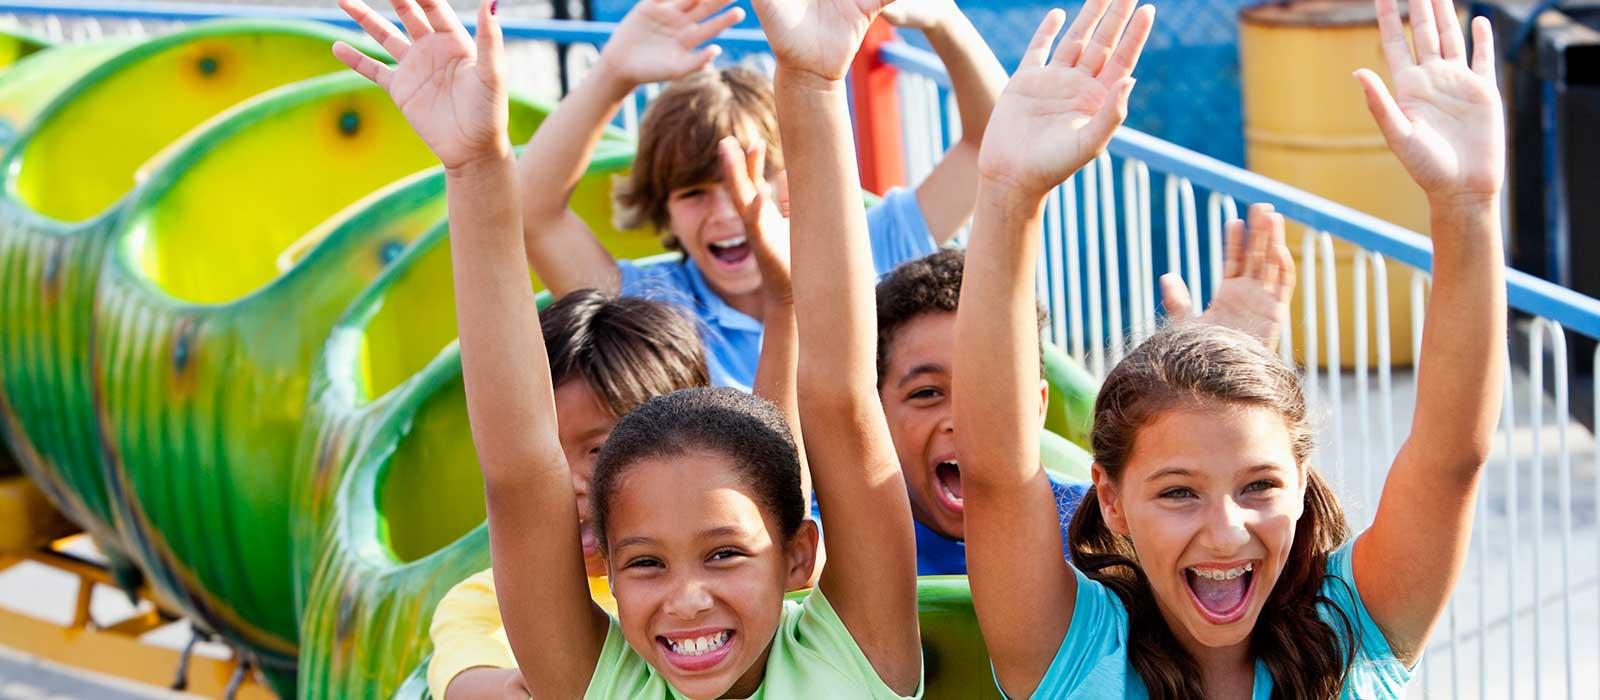 Myrtle Beach Roller Coaster